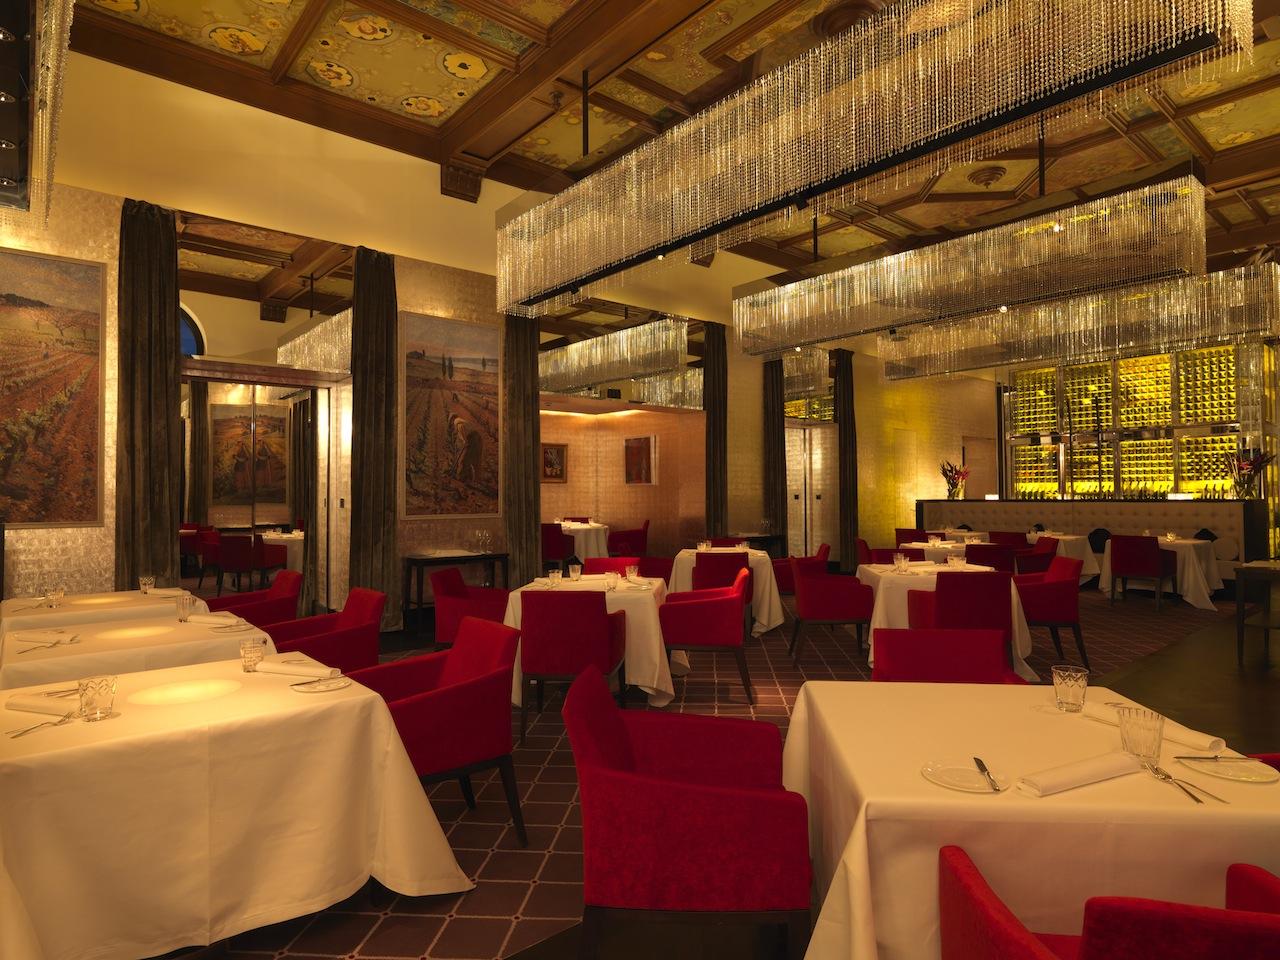 Das Restaurant vom Dolder Grand - ruhige Atmosphäre und erstklassiger Service / © Heinz Unger